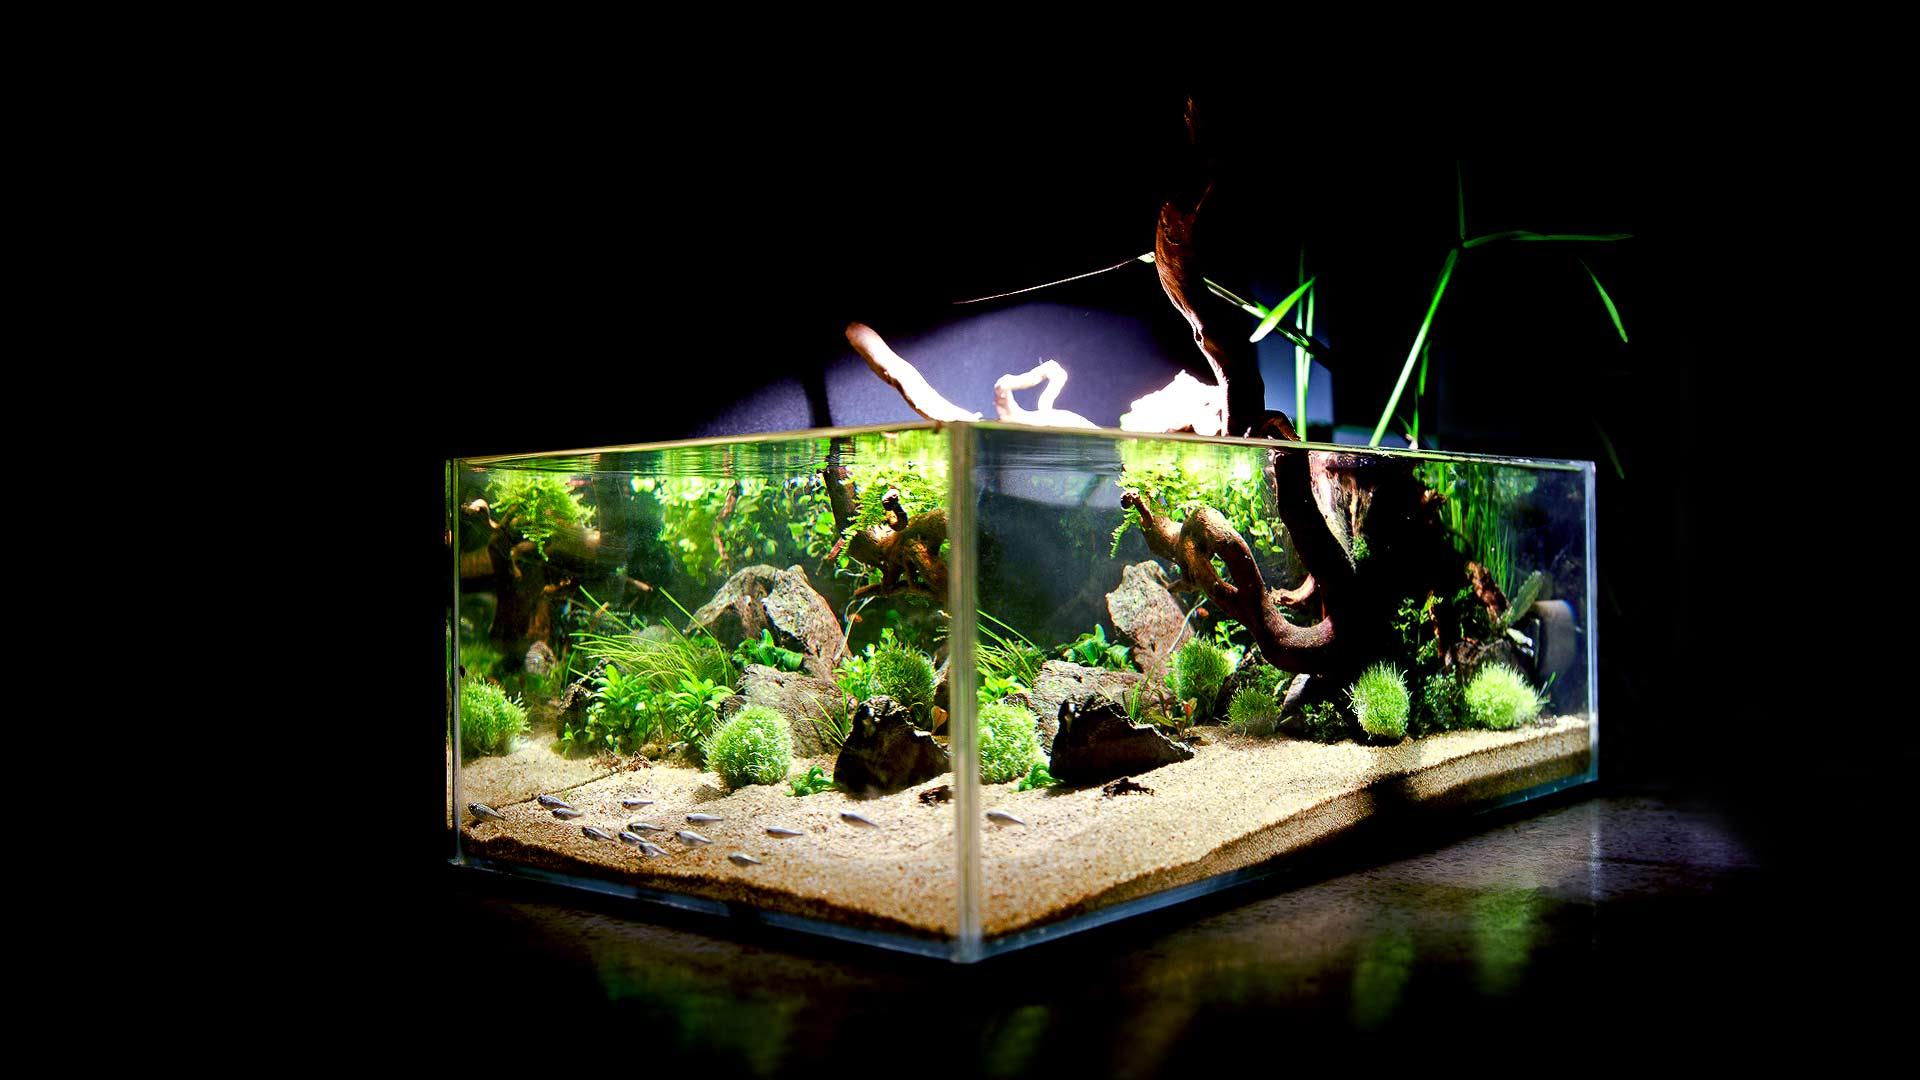 Аквариум в стиле вабикуса, 17л. Aquarium in the style of wabikusa.